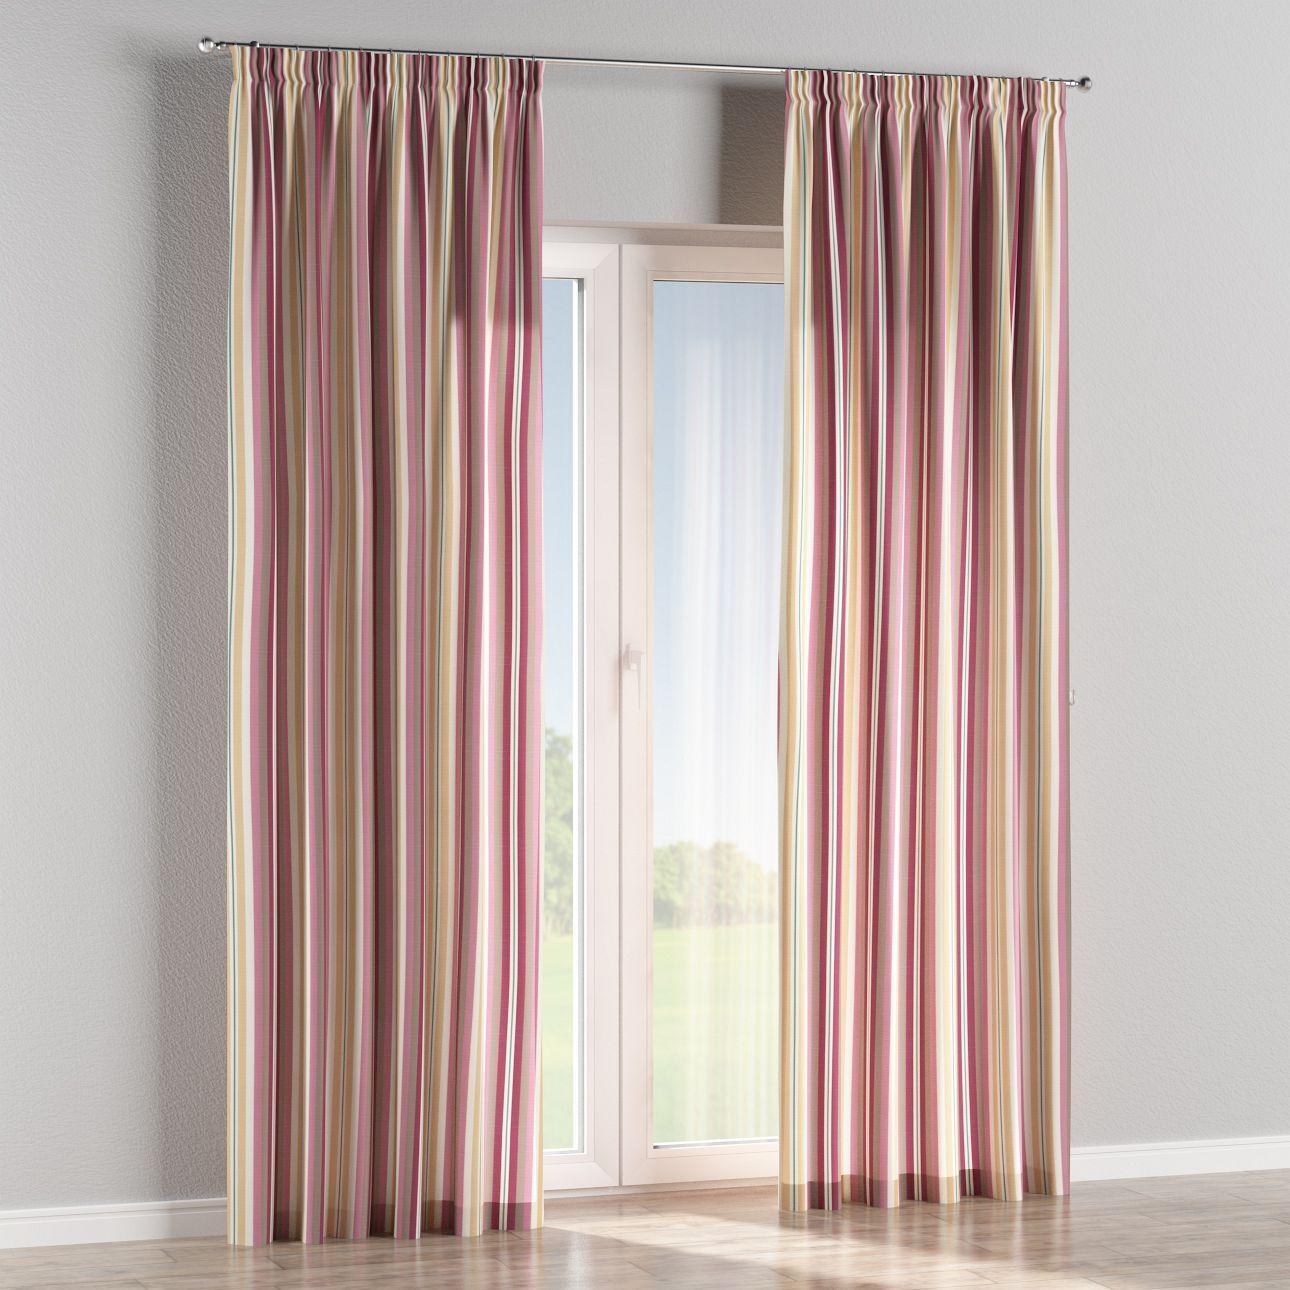 Vorhange Fur Schlafzimmer Modern Kurze Vorhange Fur Fenster Vorhange Gardinen Darmstadt Wohnzimmer Gardinen Fur Kleine Fenste Home Decor Pink Beige Decor